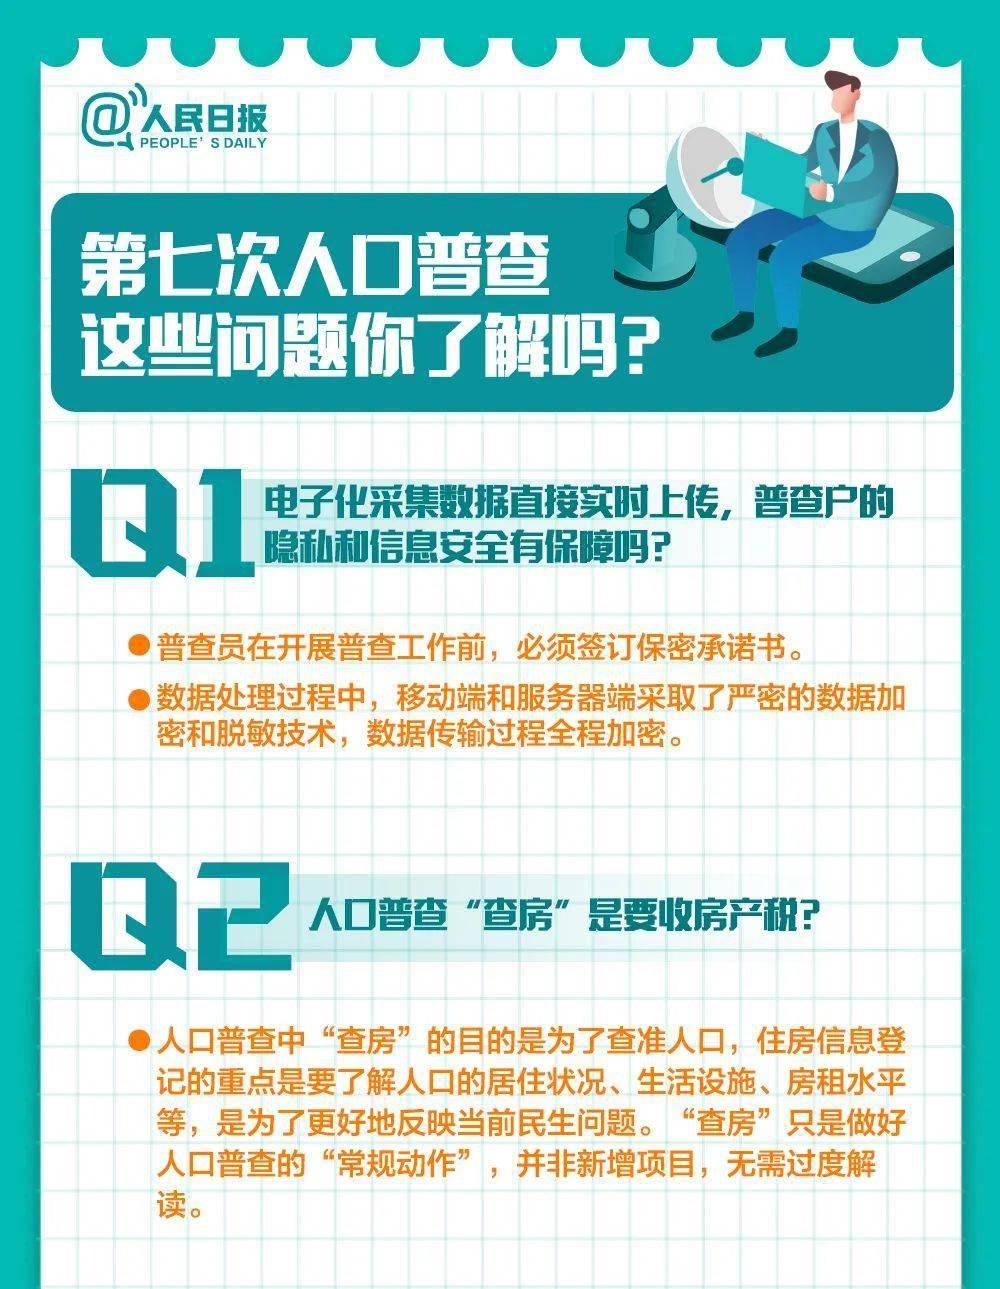 人人口普查的意义_人口普查(3)